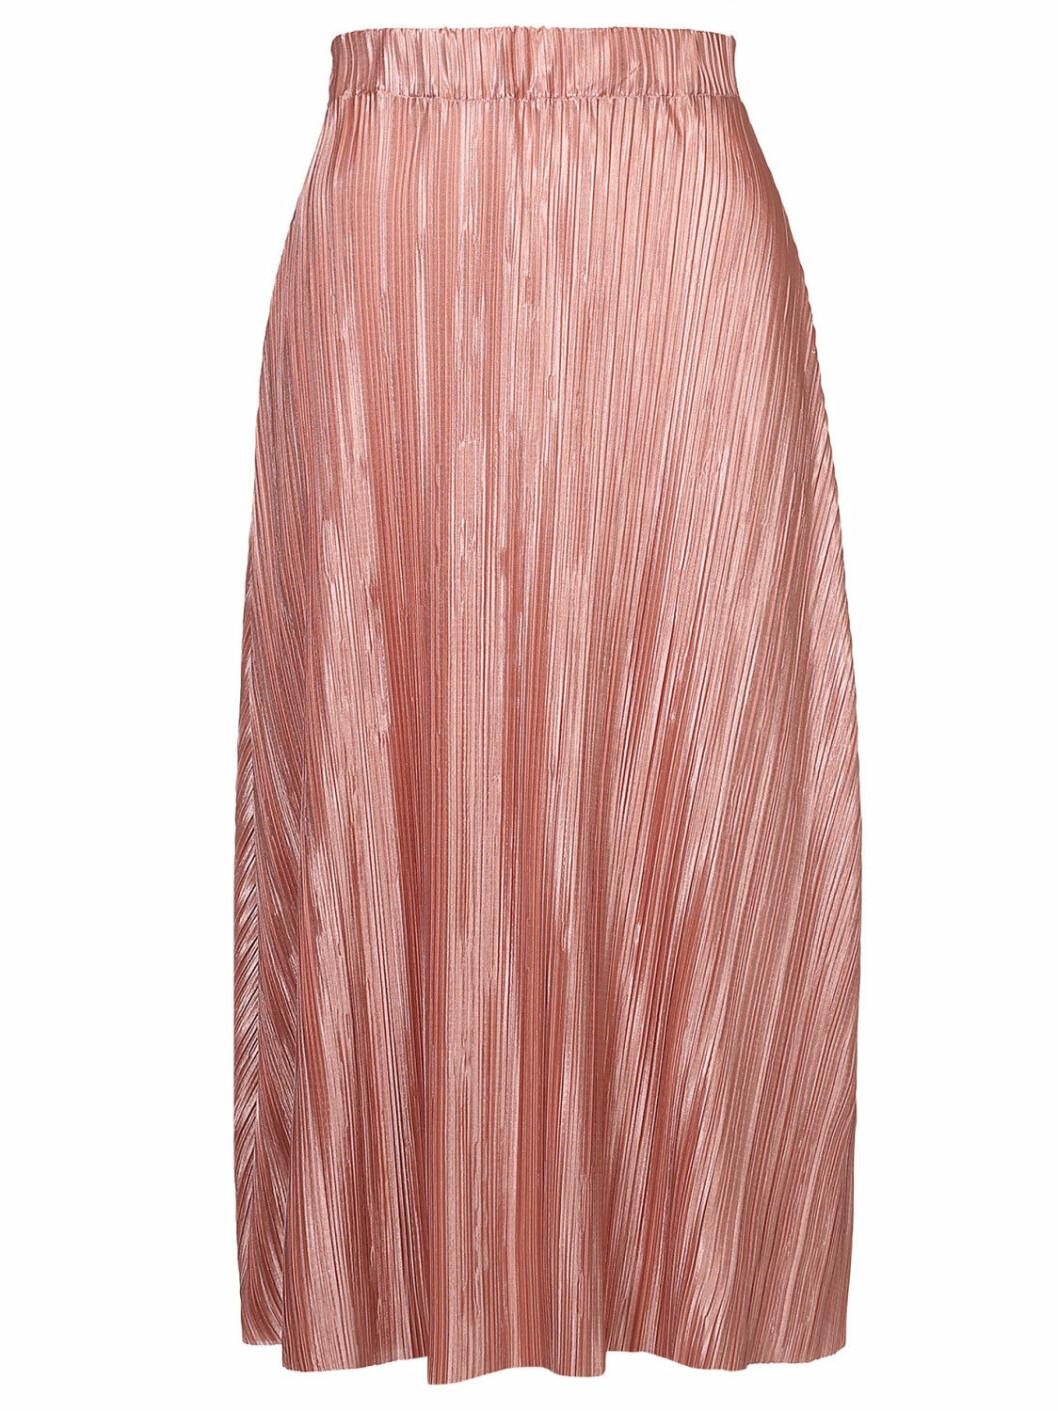 långkjol rosa plisserad